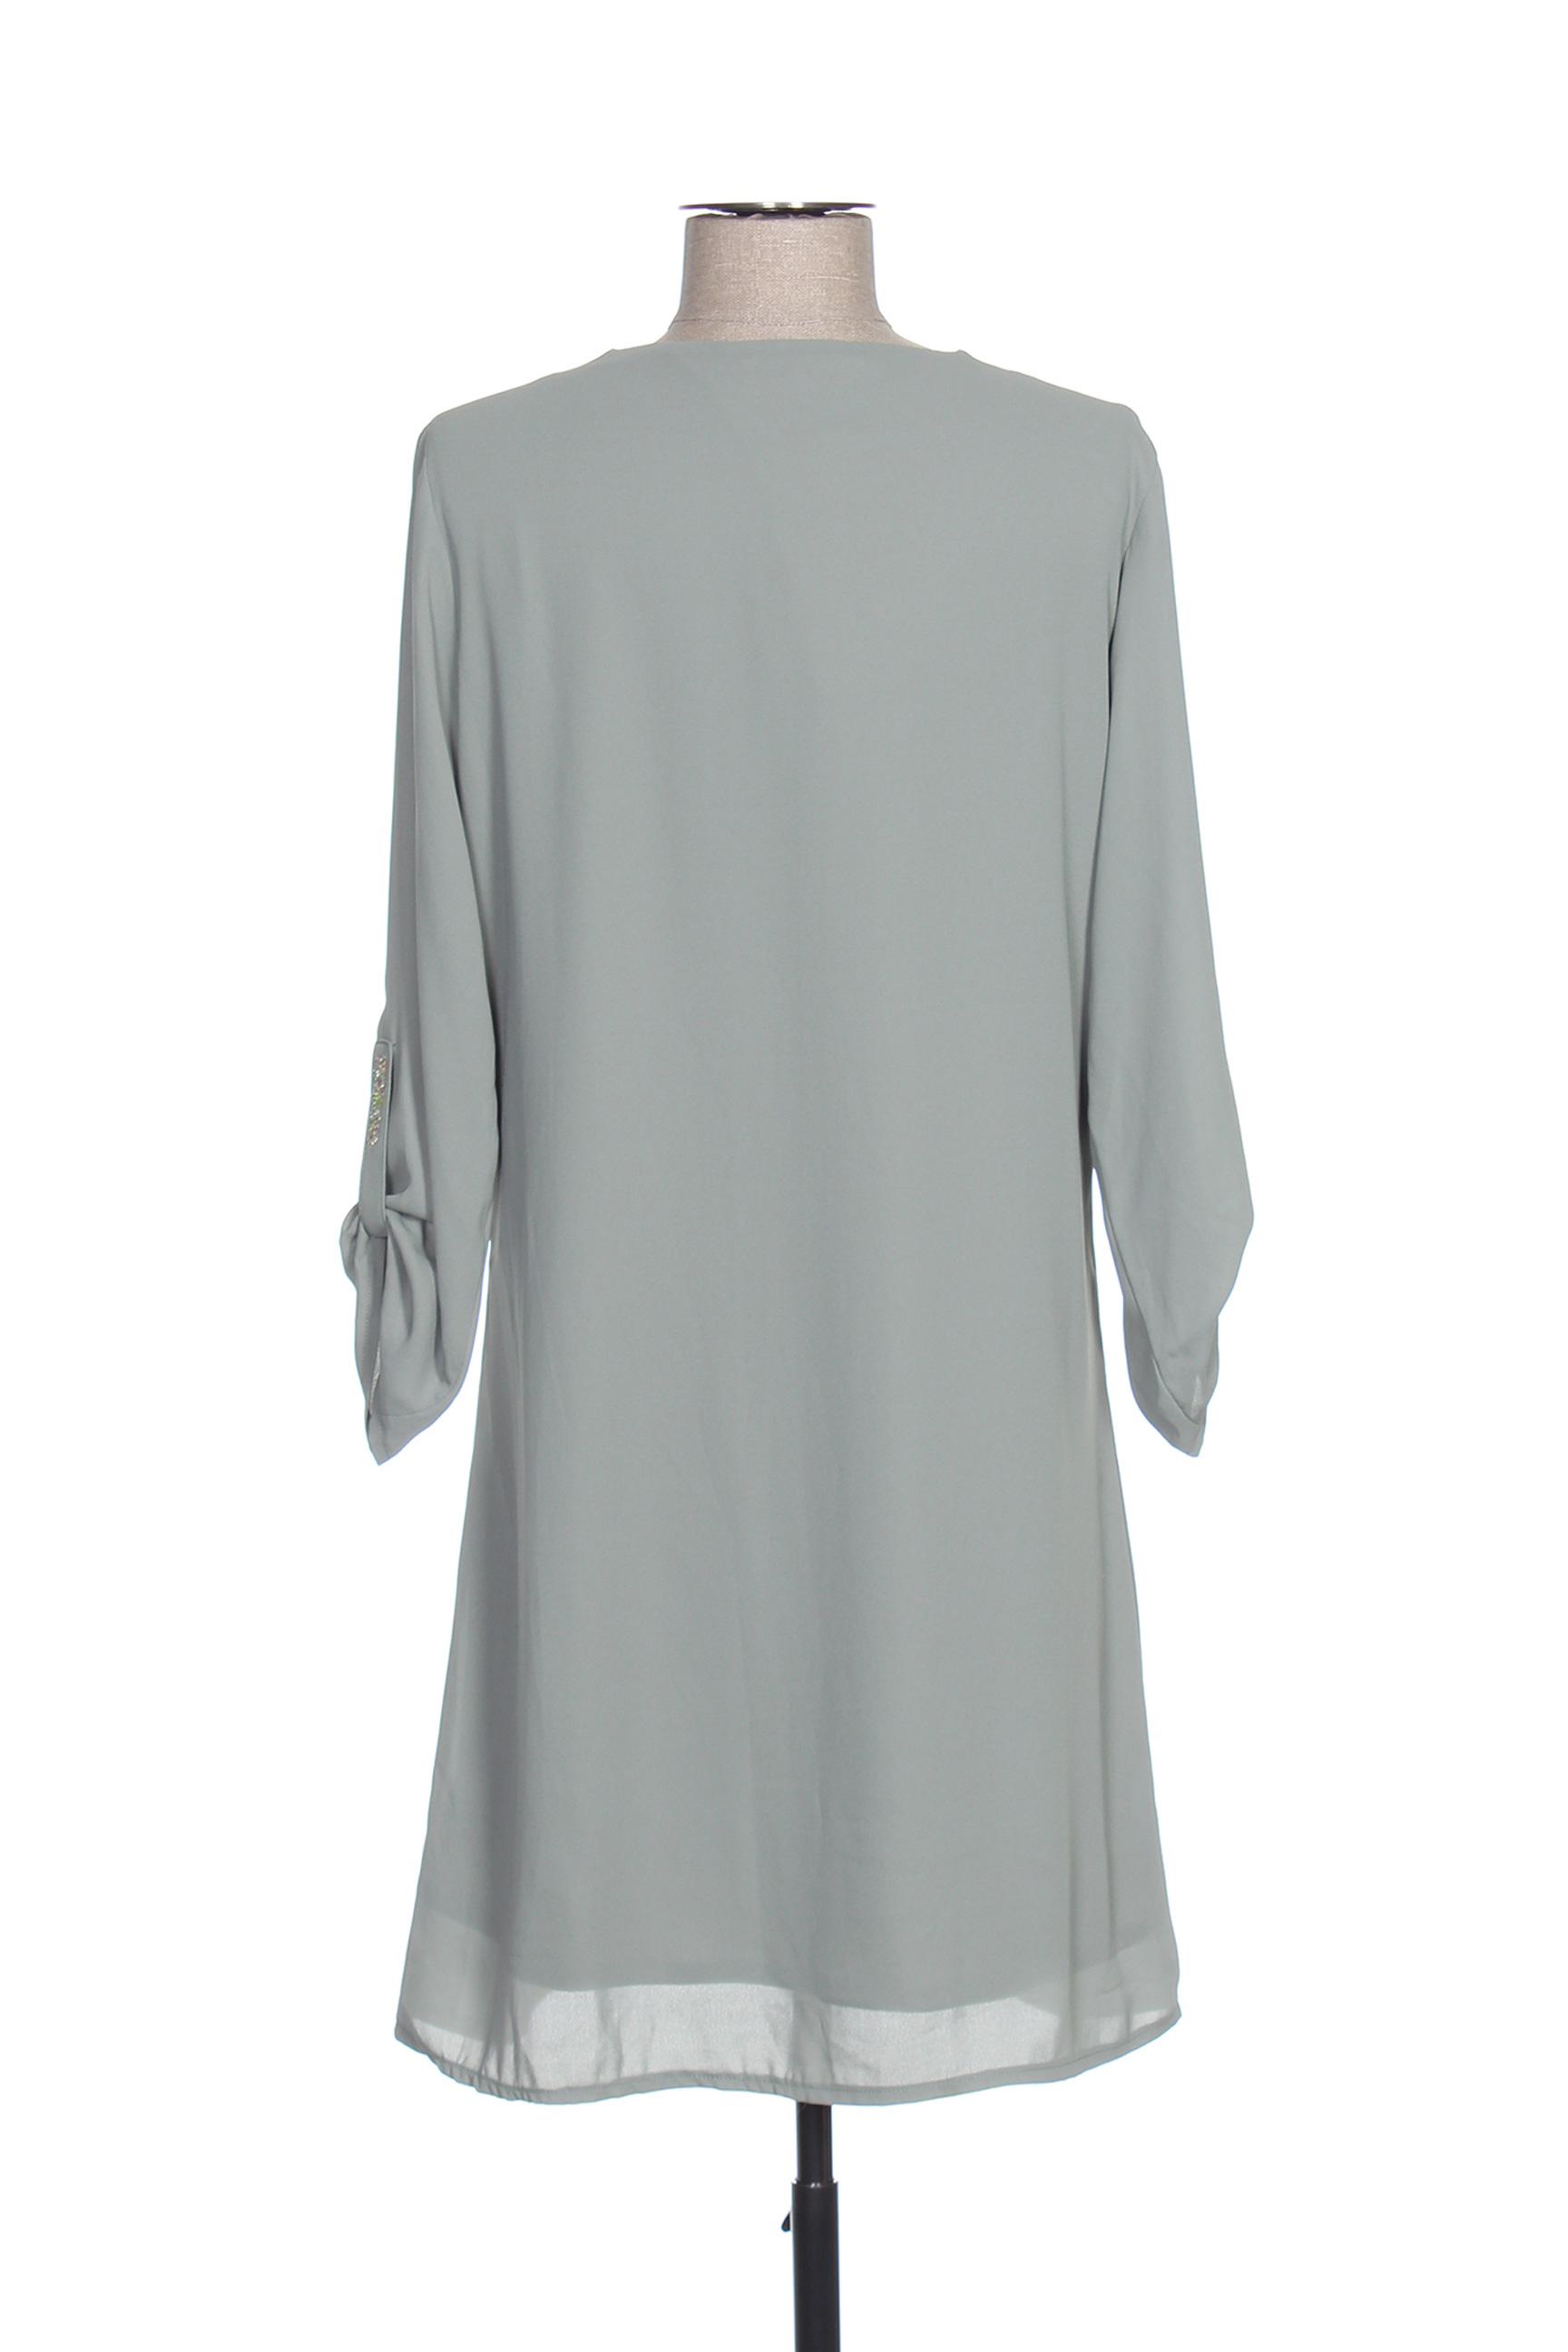 Quinze Heures Trente Robes Courtes Femme De Couleur Vert En Soldes Pas Cher 1421308-vert00